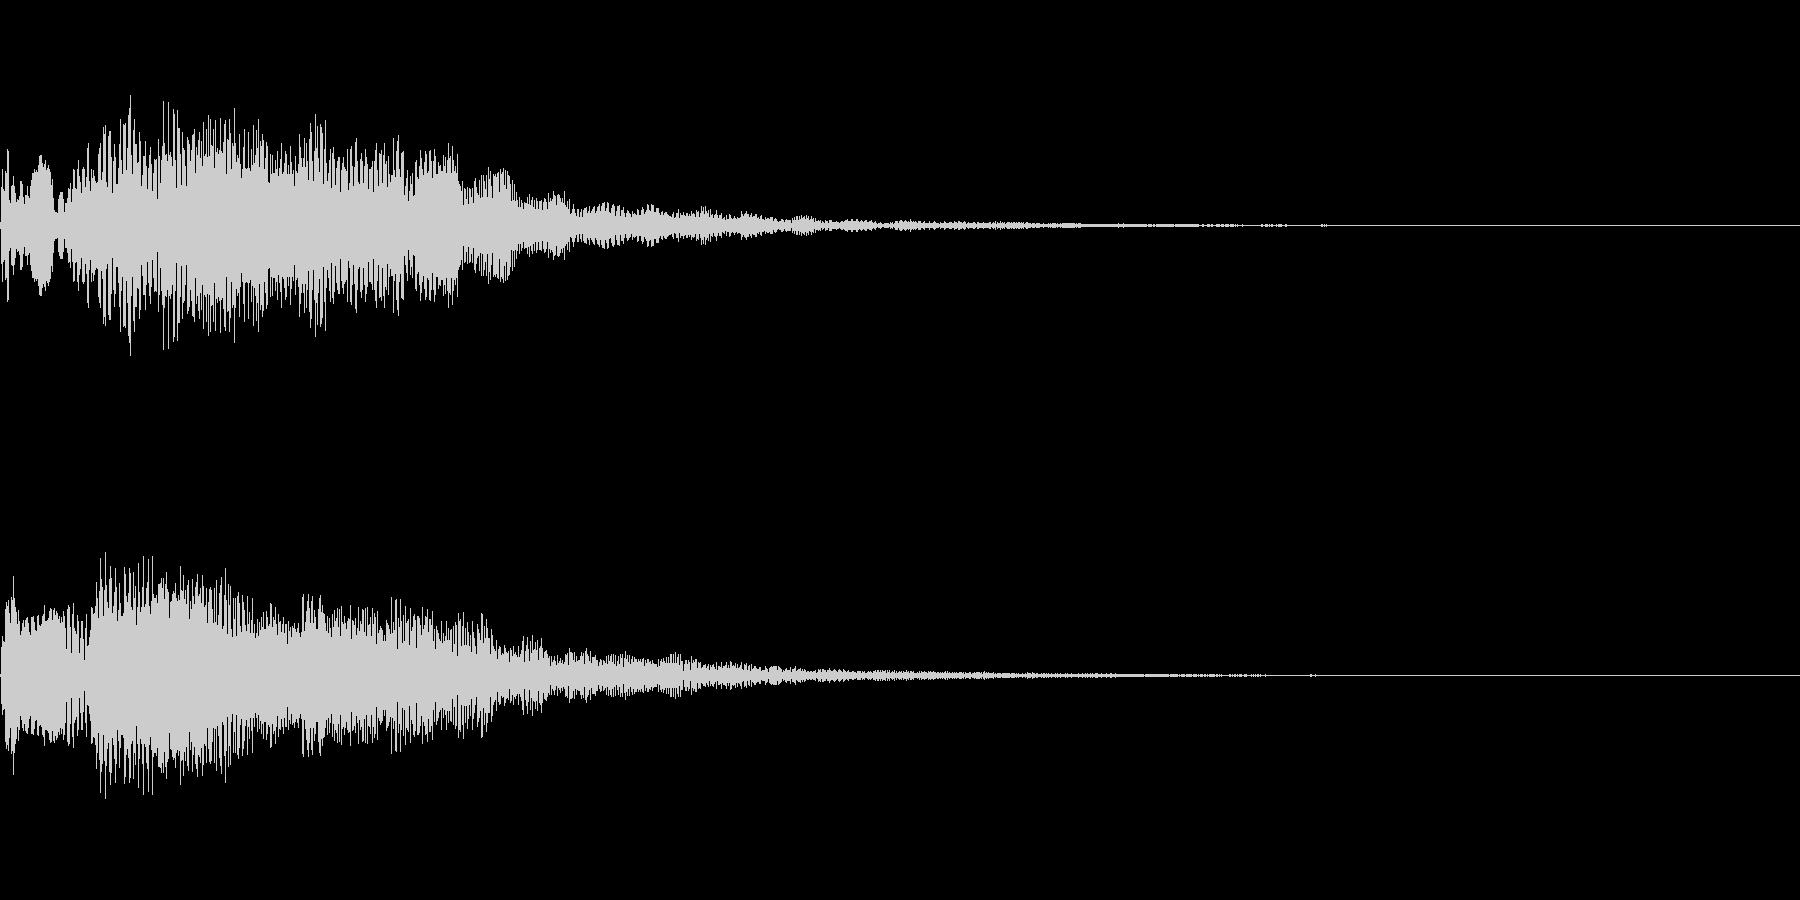 明るいテロップ音 ボタン音 決定音11bの未再生の波形